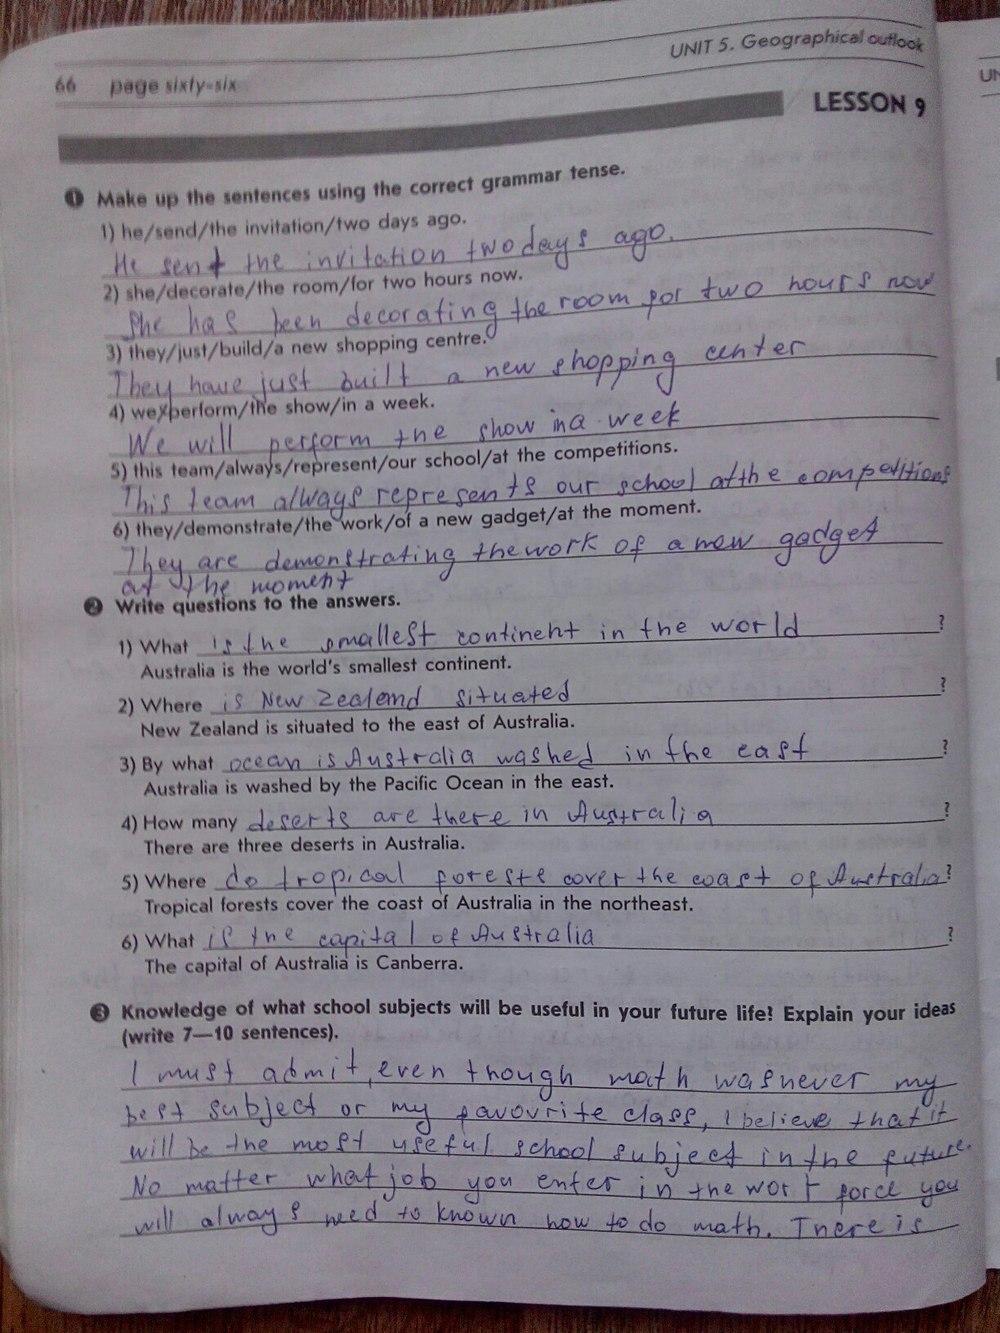 ГДЗ відповіді робочий зошит по английскому языку 8 класс О.М. Павліченко. Задание: стр. 66